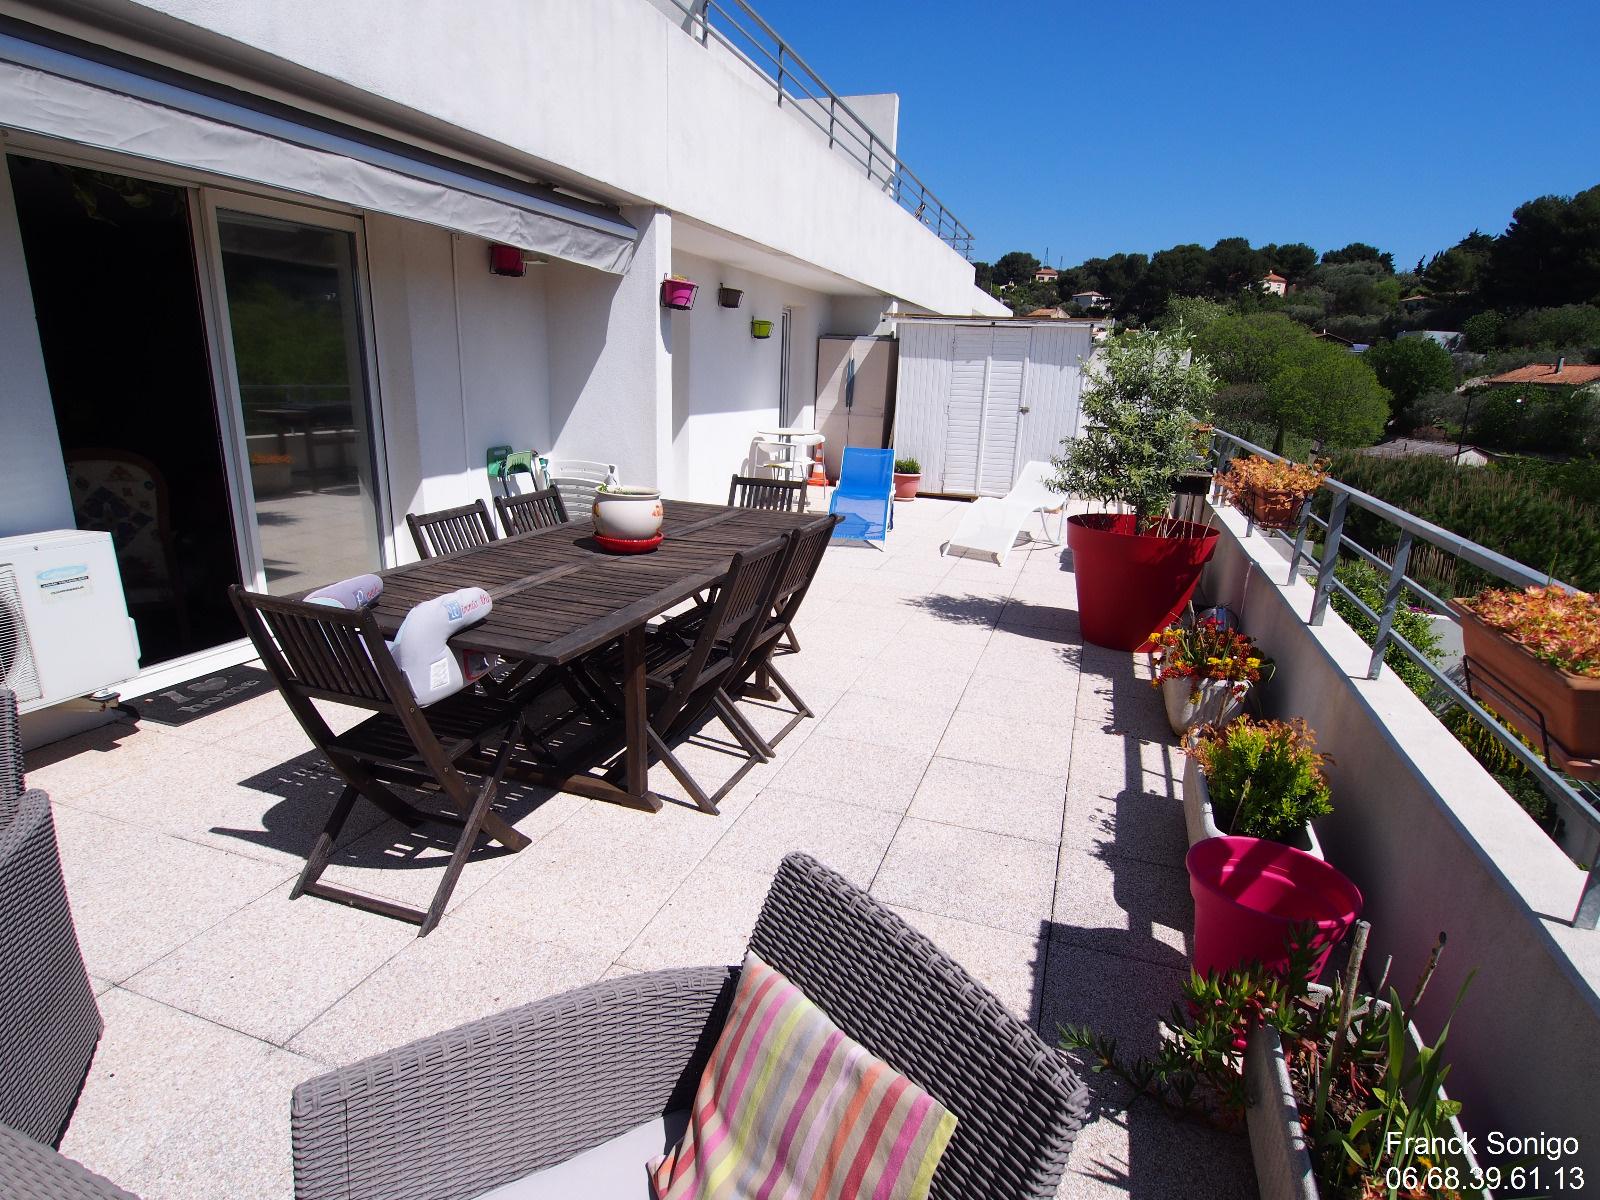 Annonce Vente Appartement Marseille 15 67 M 185 000 992738167674